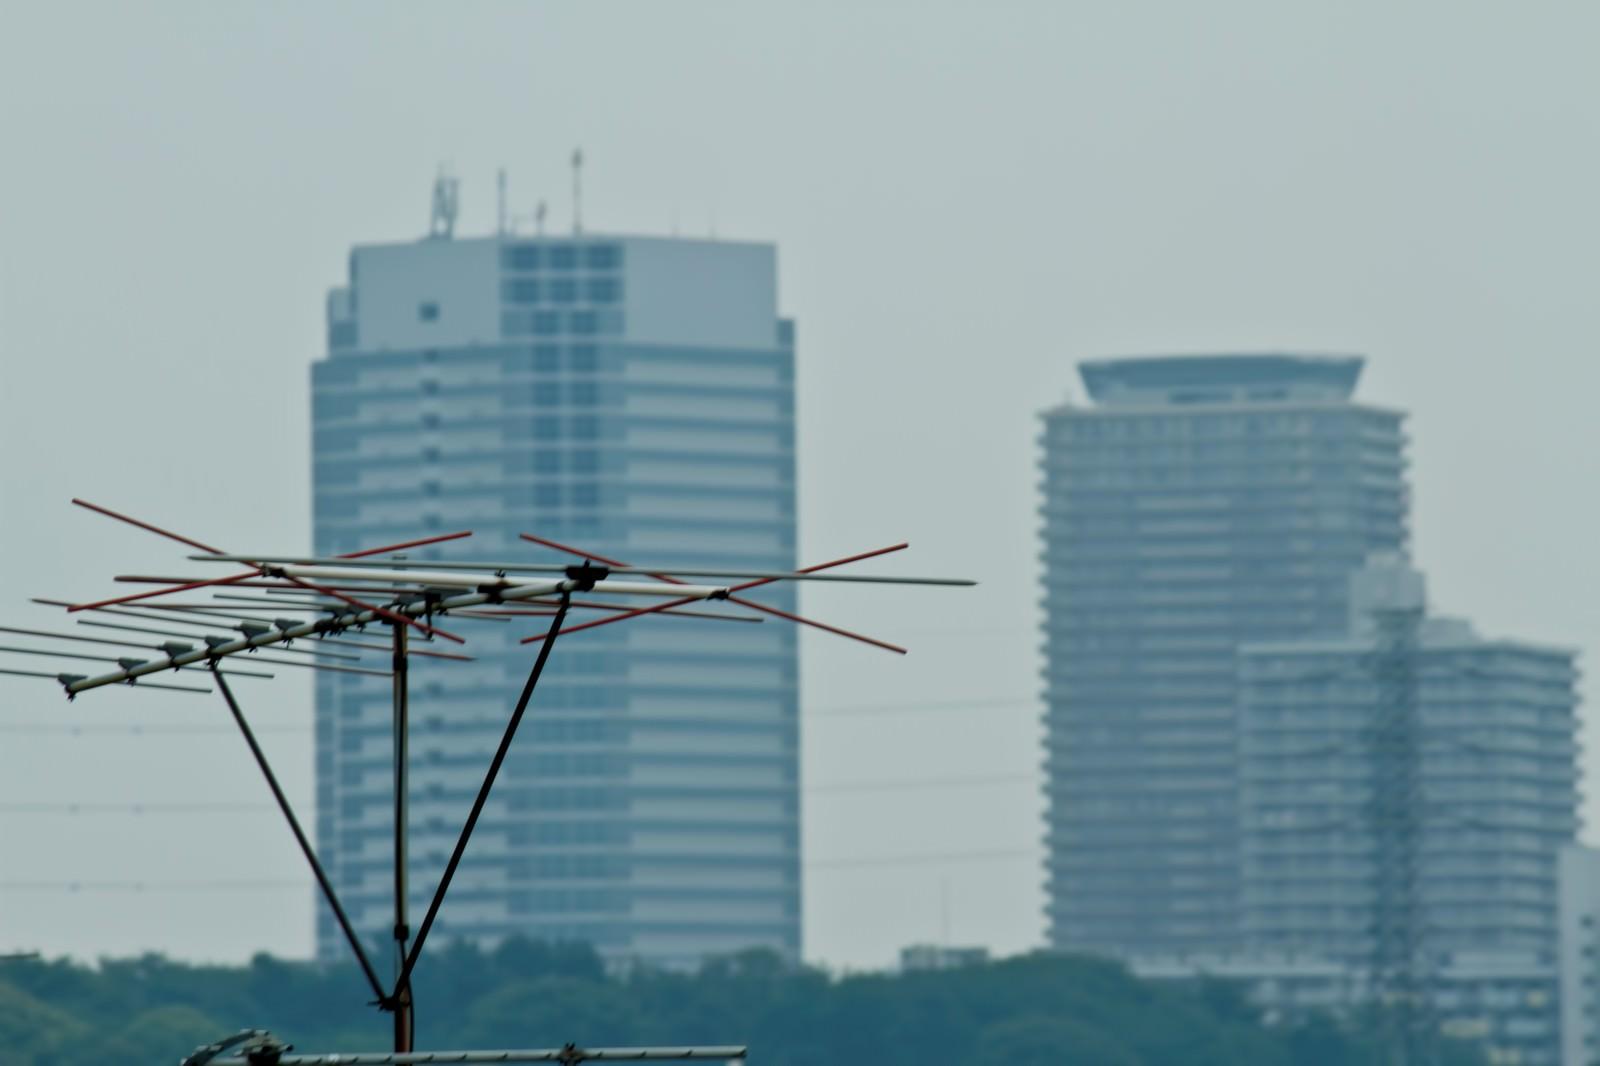 「高層ビルとアンテナ」の写真